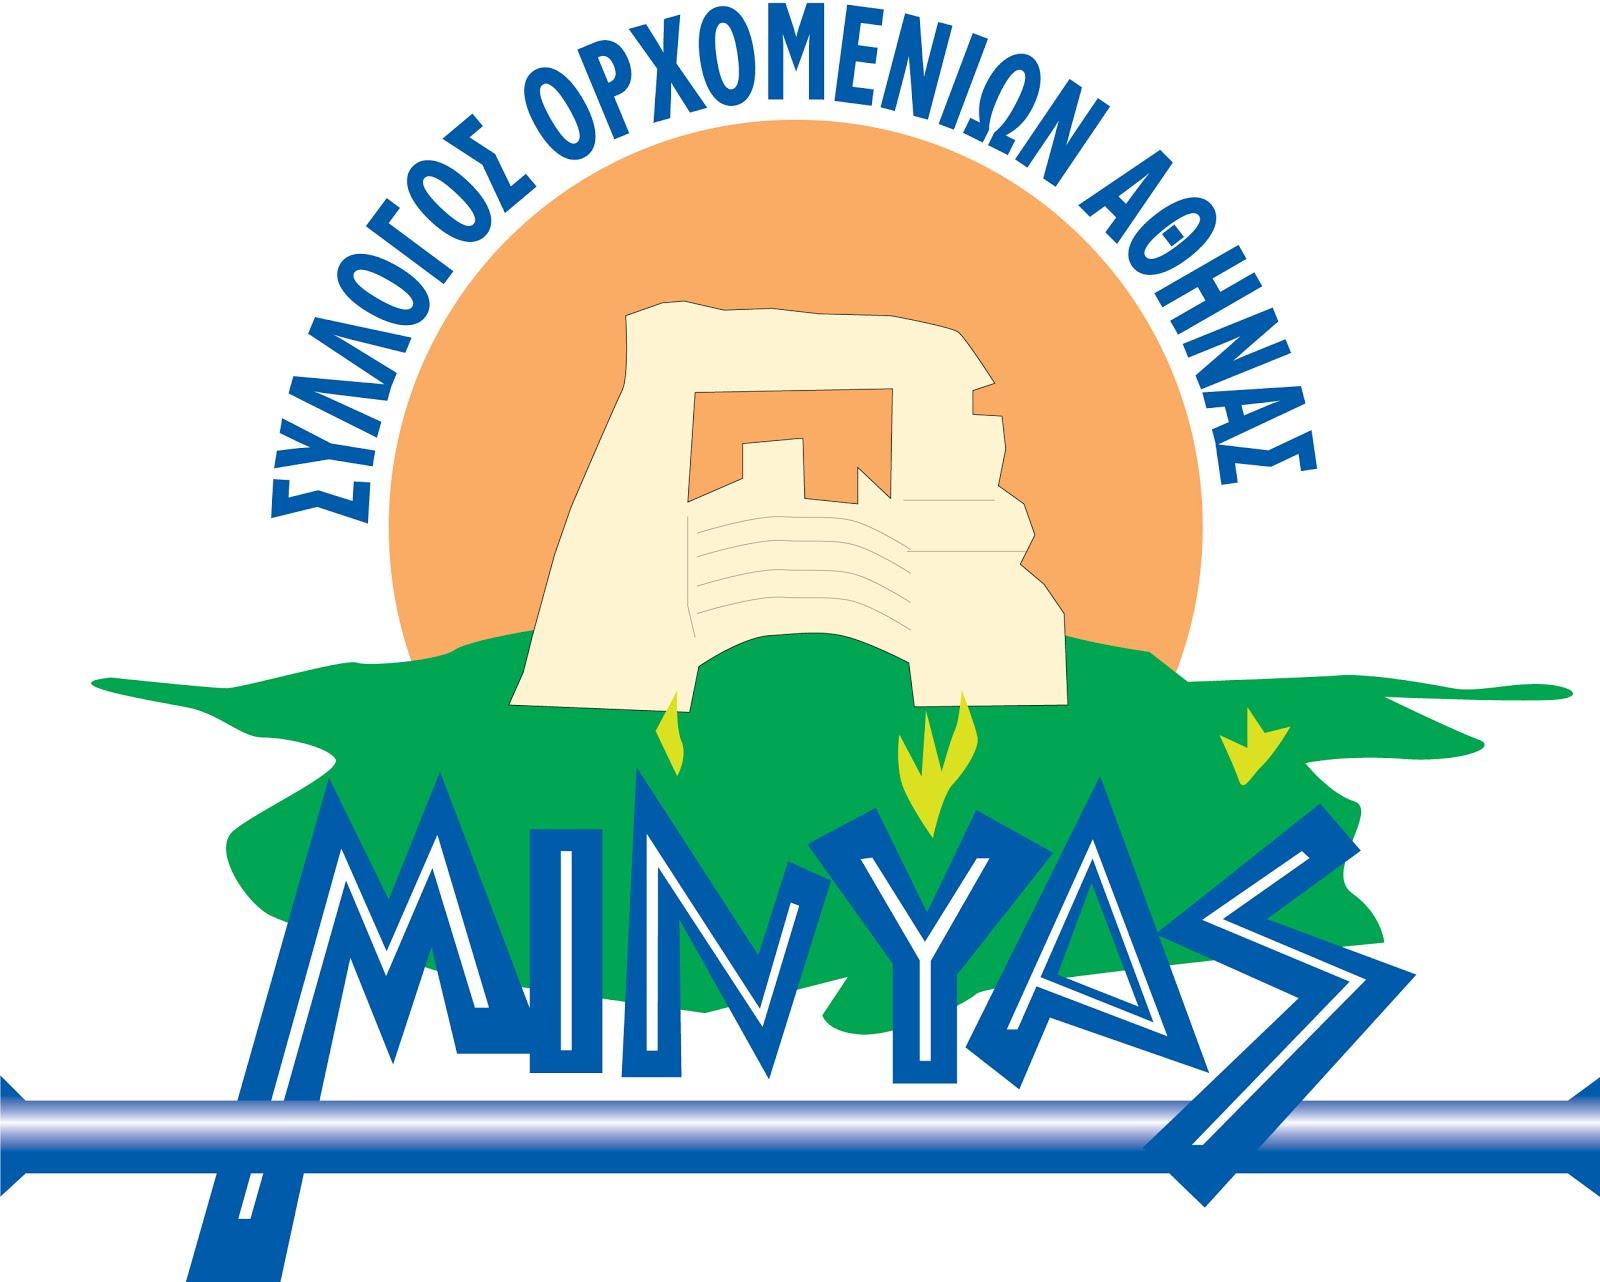 Την Κυριακή 29 Ιανουαρίου η ετήσια εορταστική συνάντηση των απανταχού Ορχομενίων στην Αθήνα